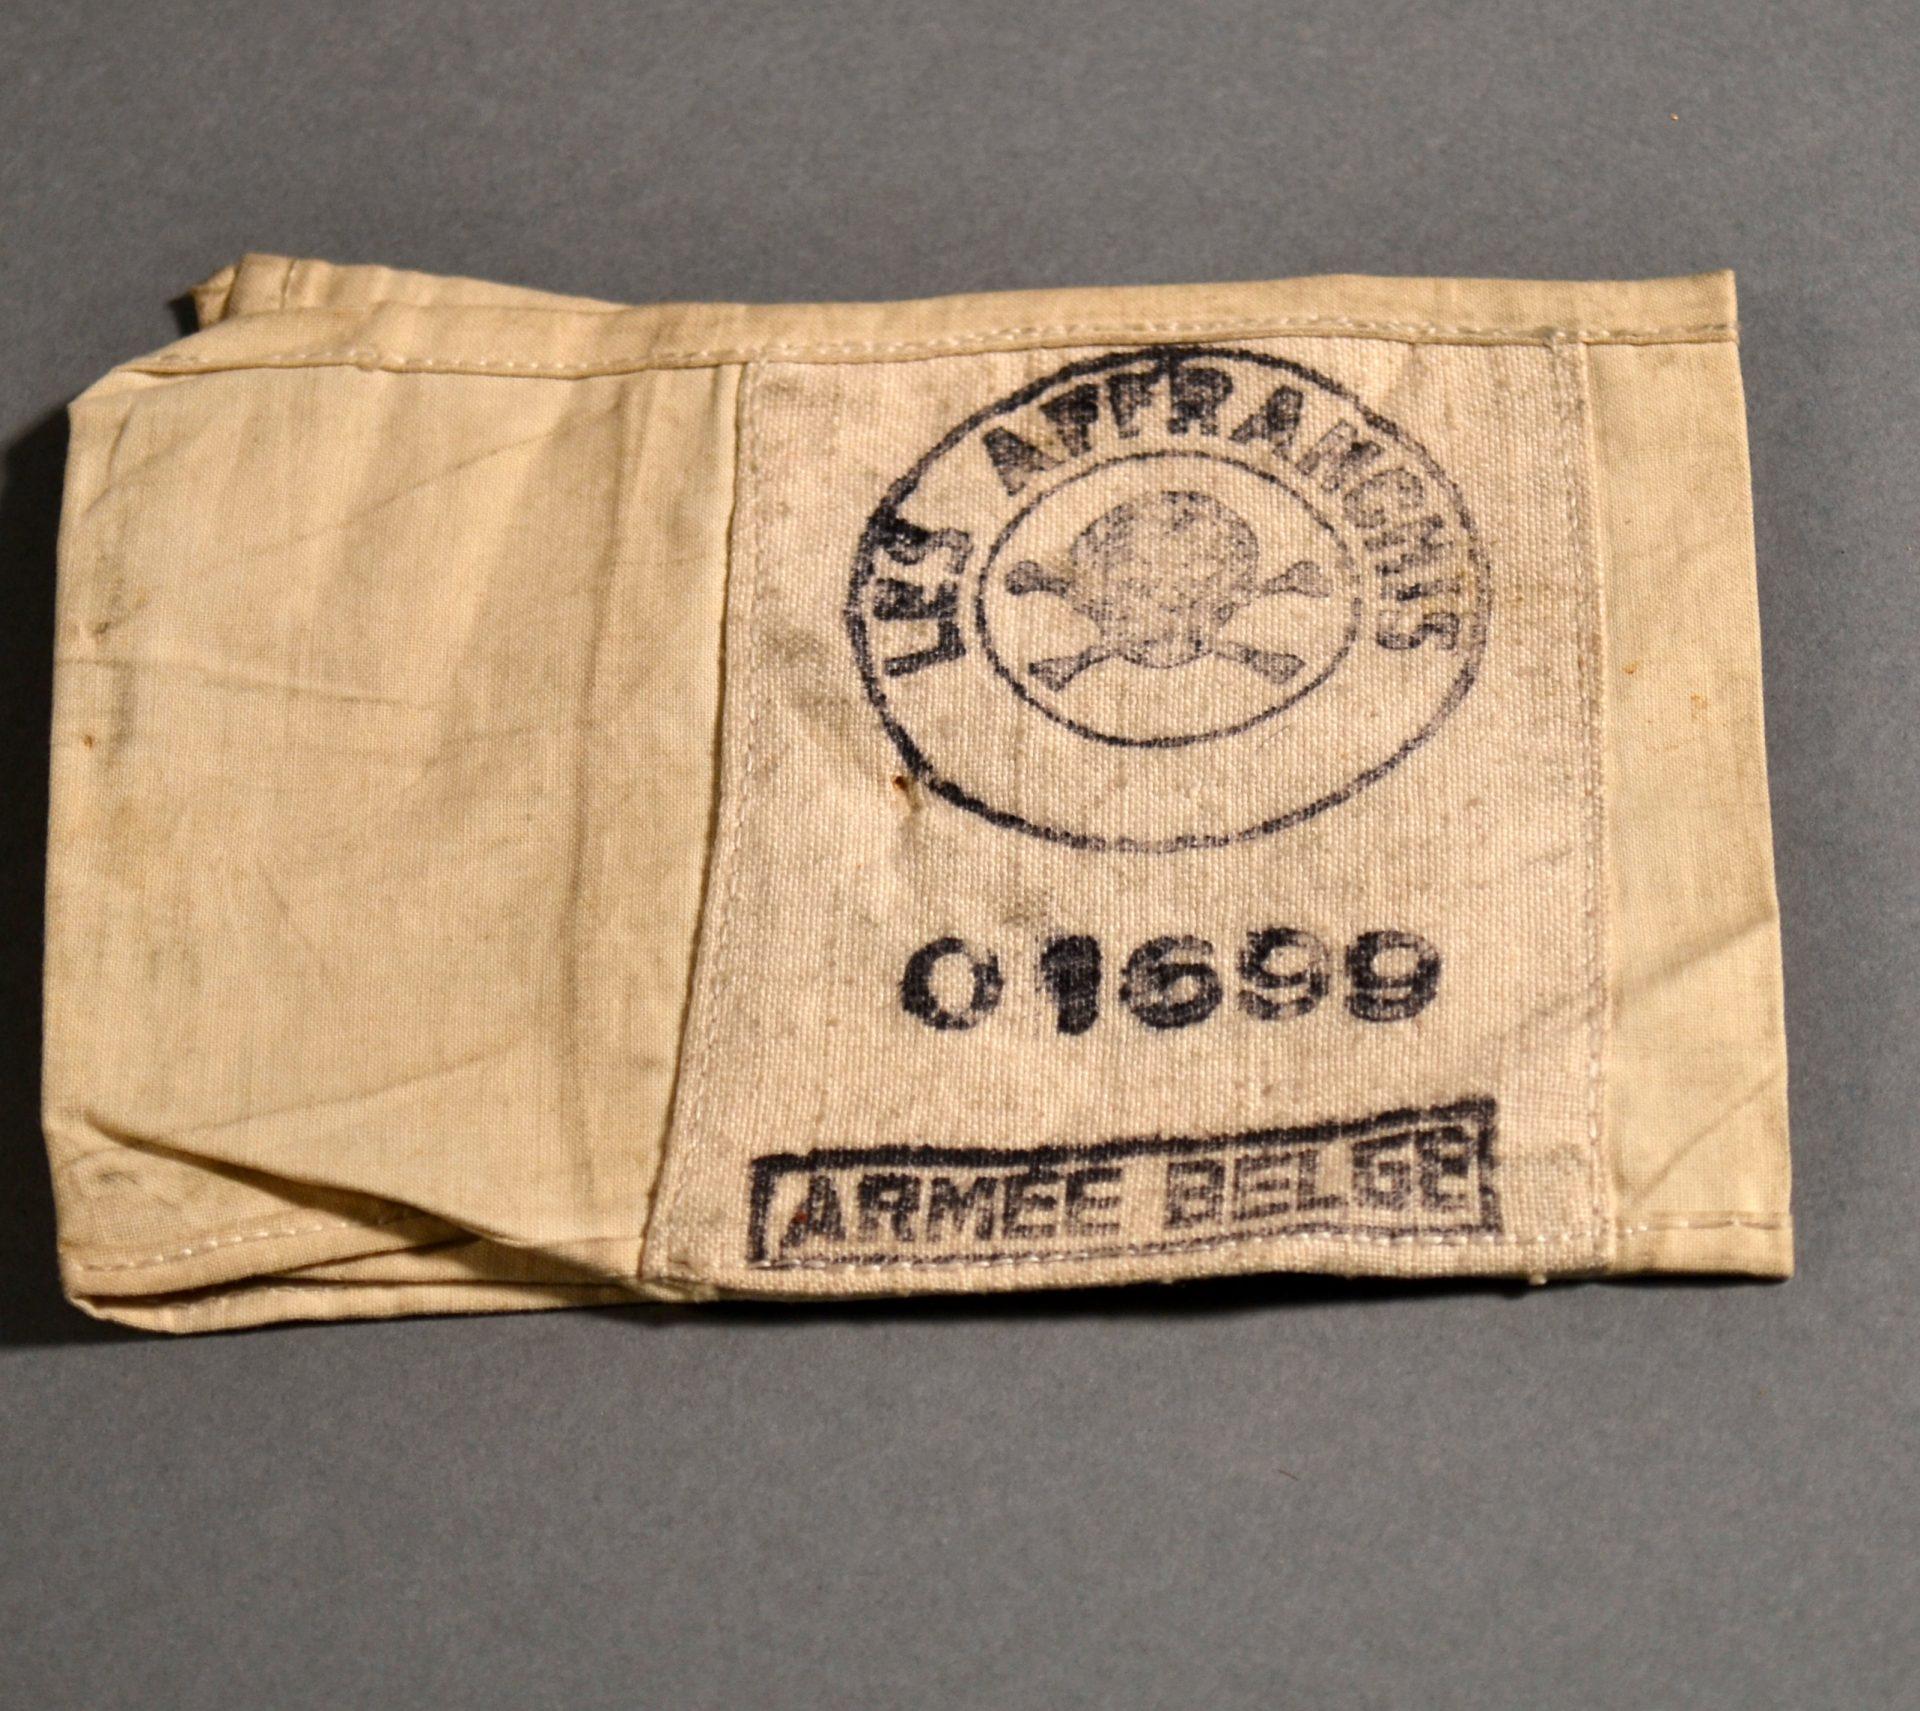 Son numéro de matricule 01699 est imprimé sur ce brassard avec le logo du groupe Les Affranchis.